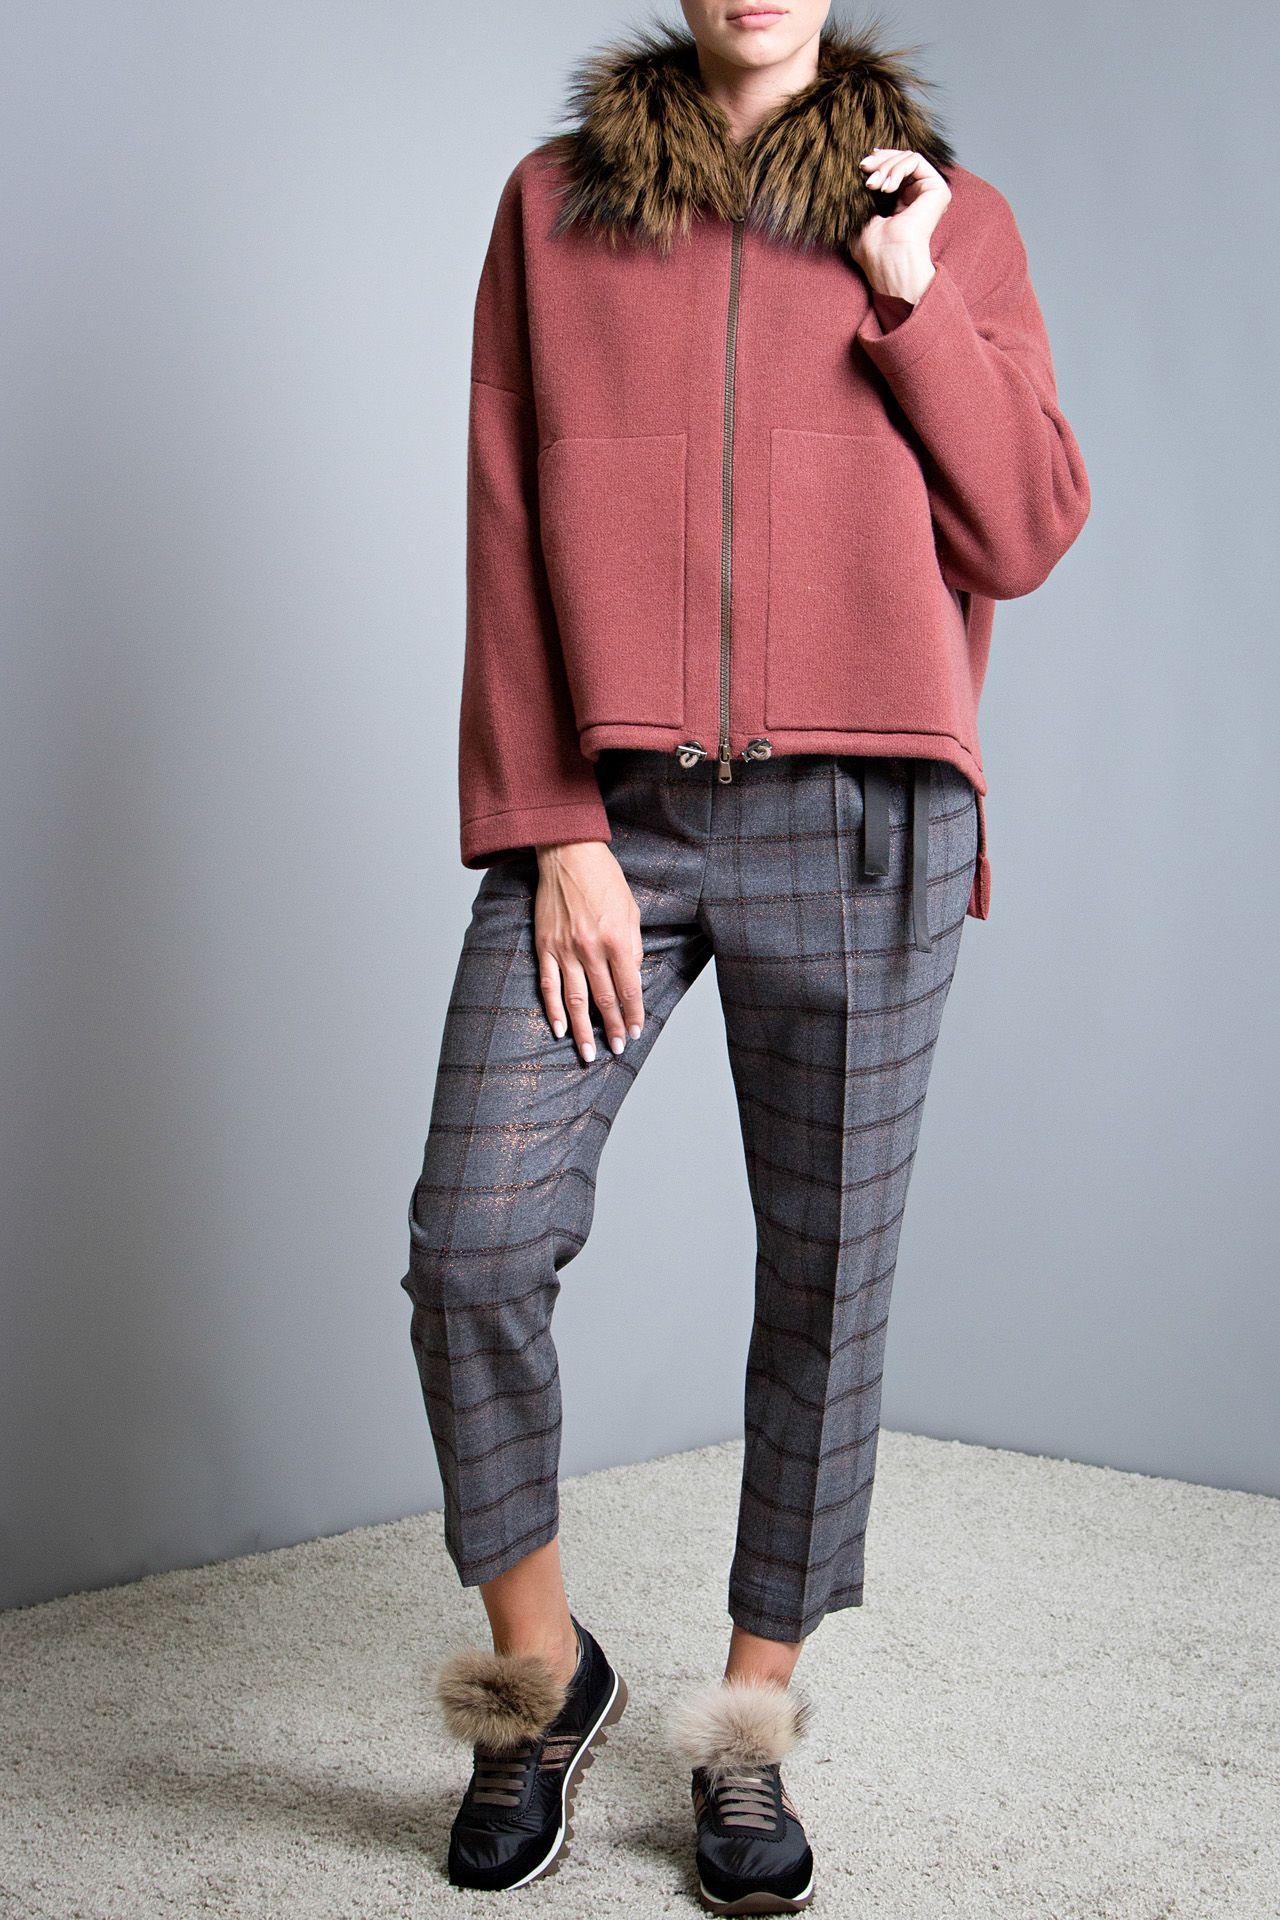 54223dedce2 Коллекции Brunello Cucinelli. Интернет-магазин брендовой одежды с ...